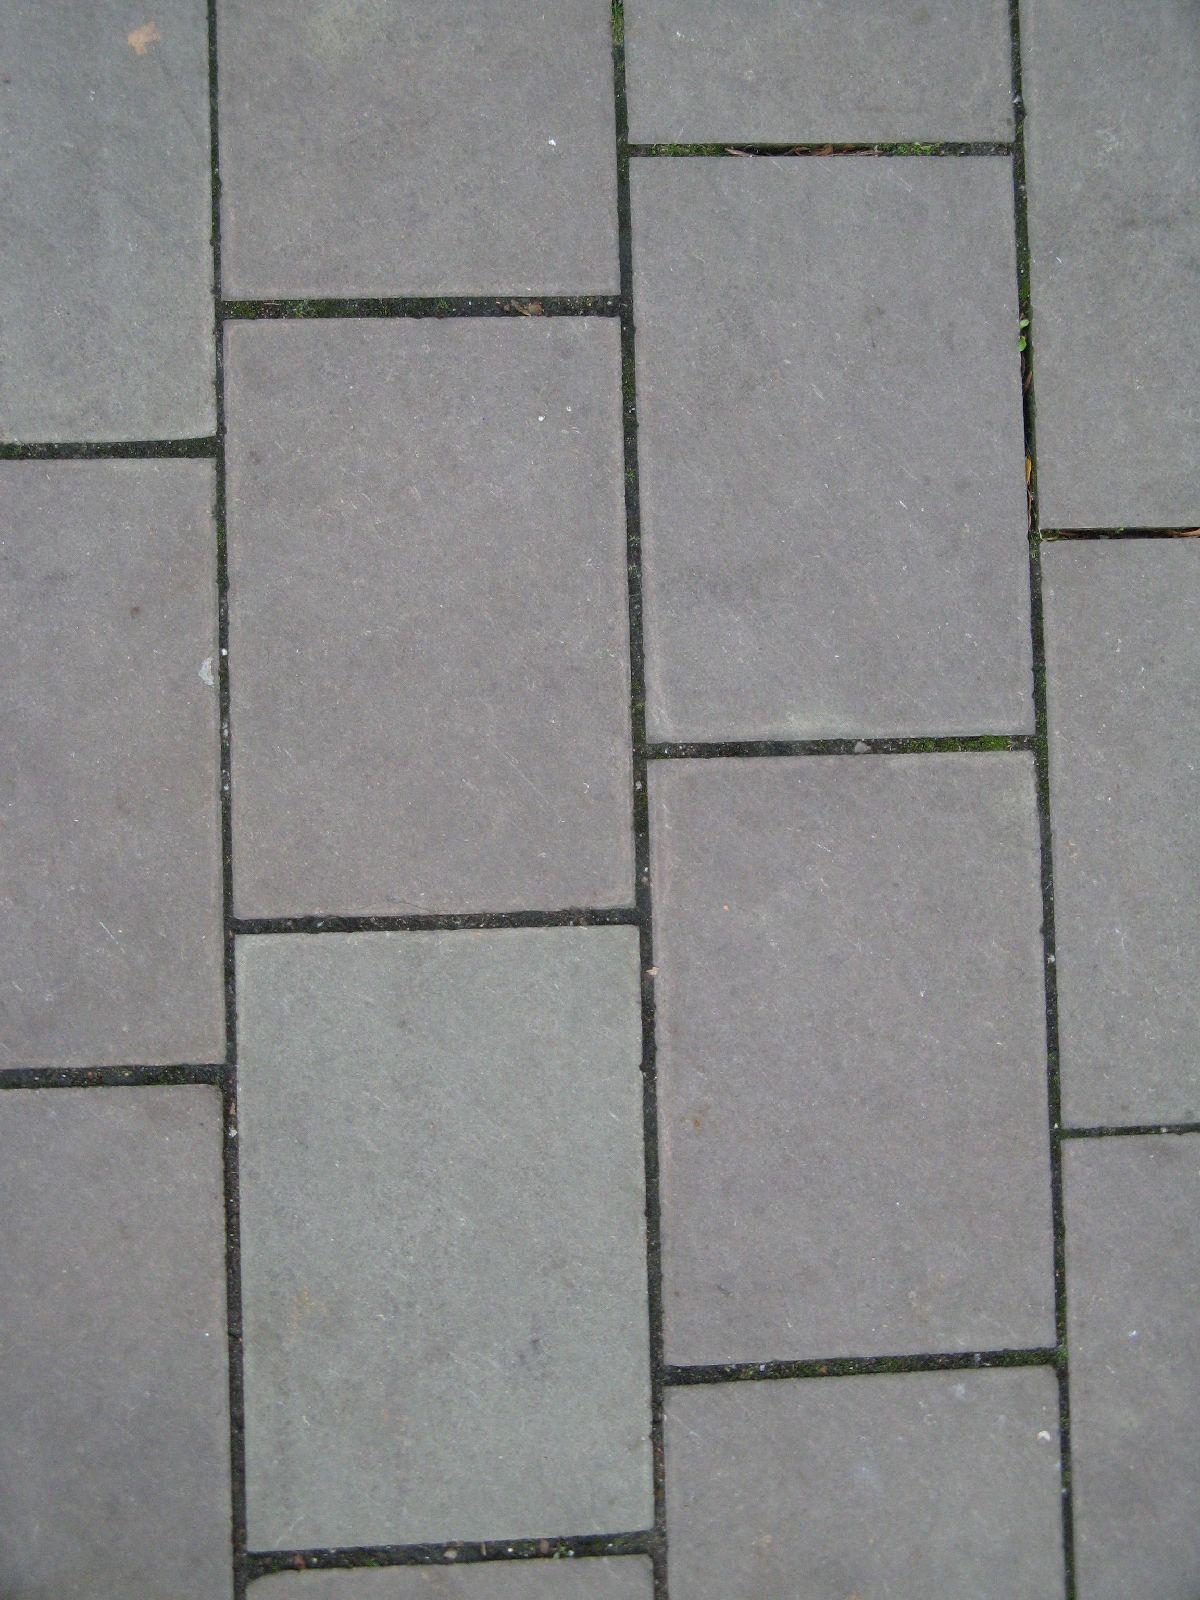 Boden-Gehweg-Strasse-Buergersteig-Textur_B_0935